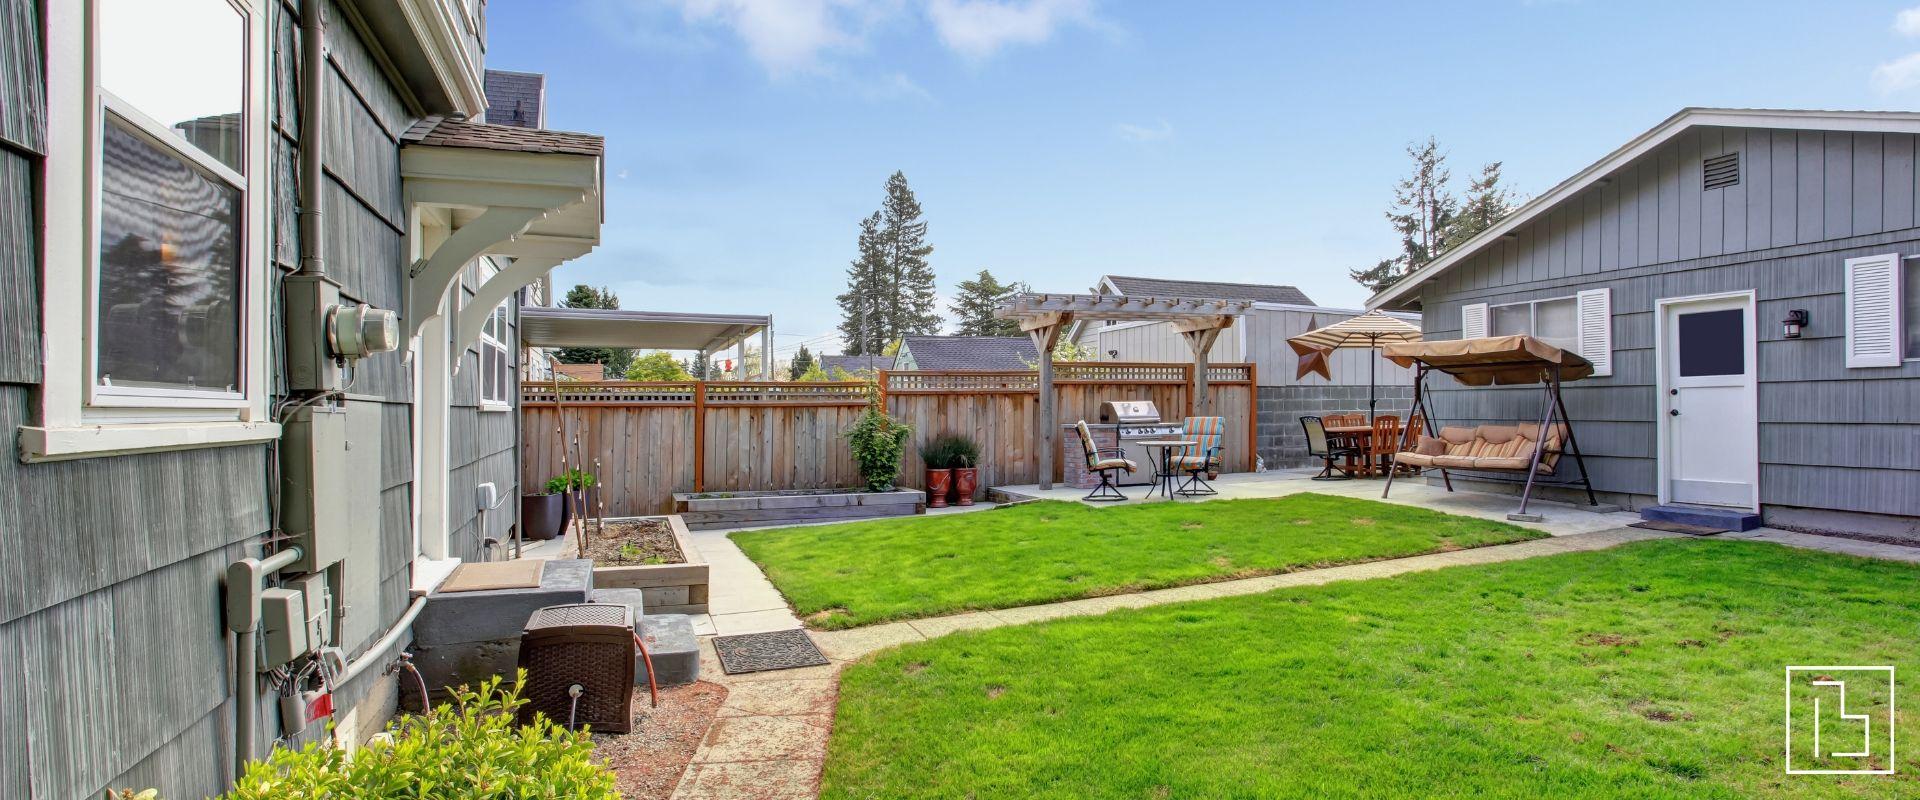 Accesssory Dwelling Unit in a Backyard - Beachworks LLC